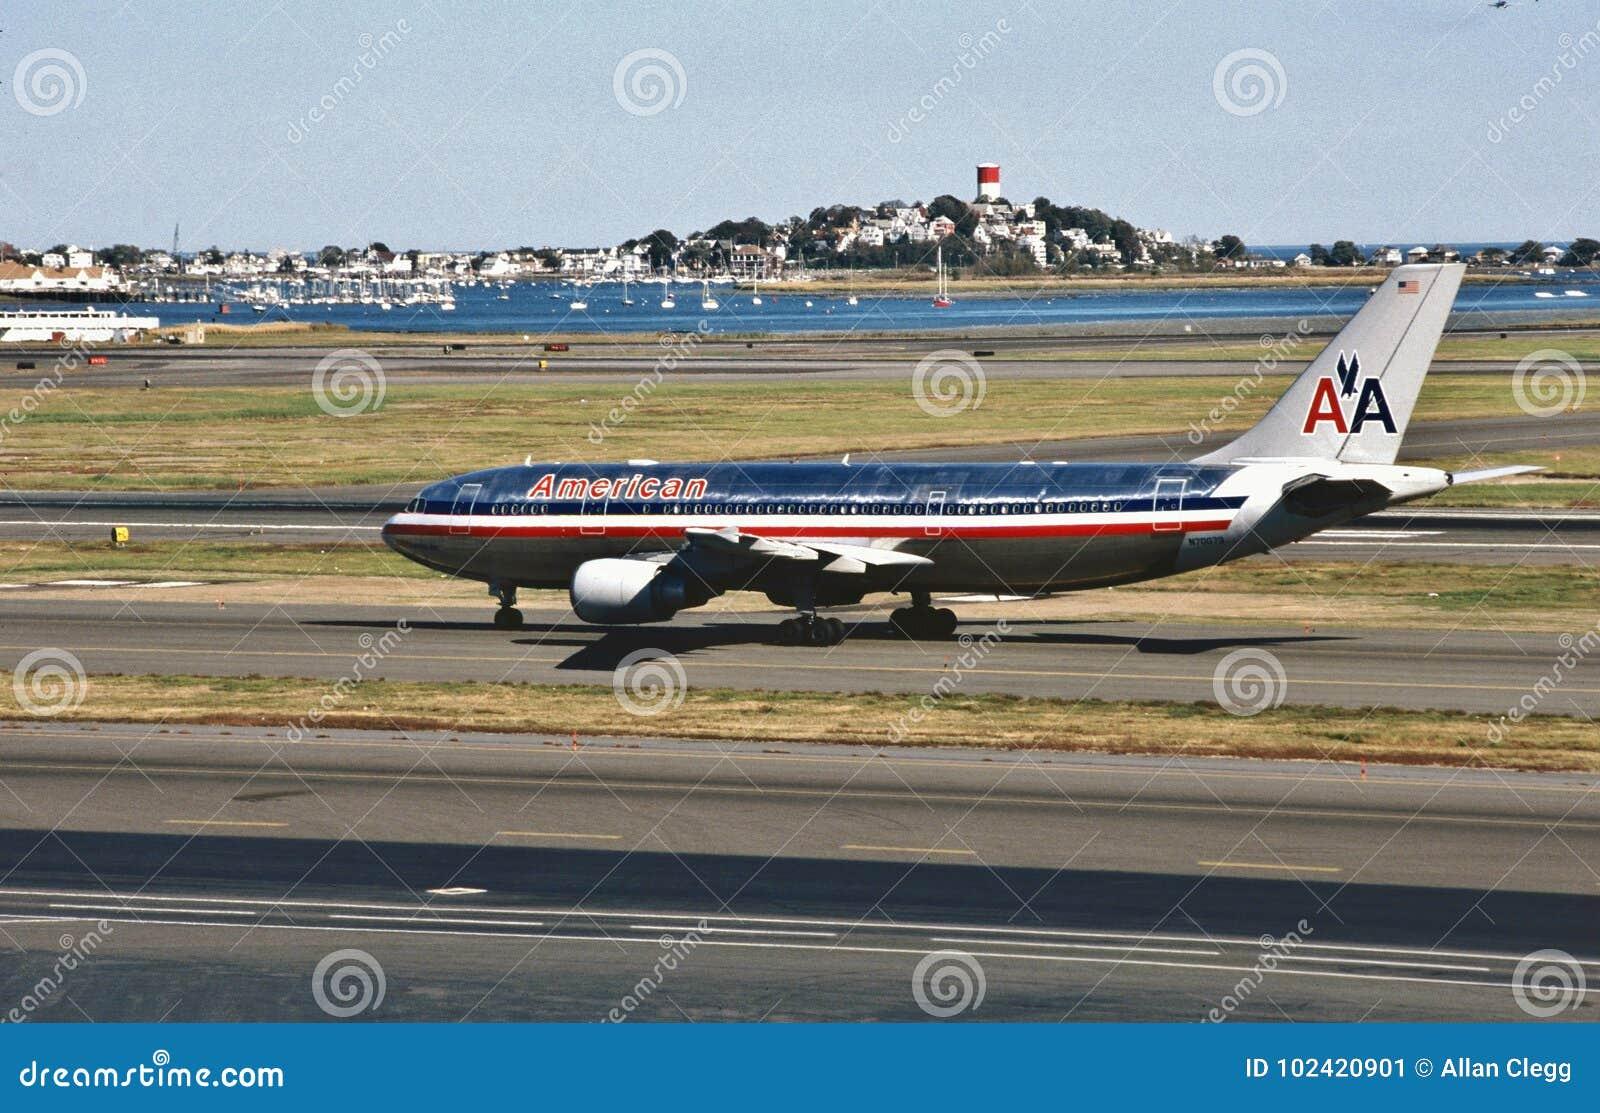 Landung American Airliness Airbus A300 bei Bostons Logan International Airport am 4. November 1998 nach einem Flug von Miami